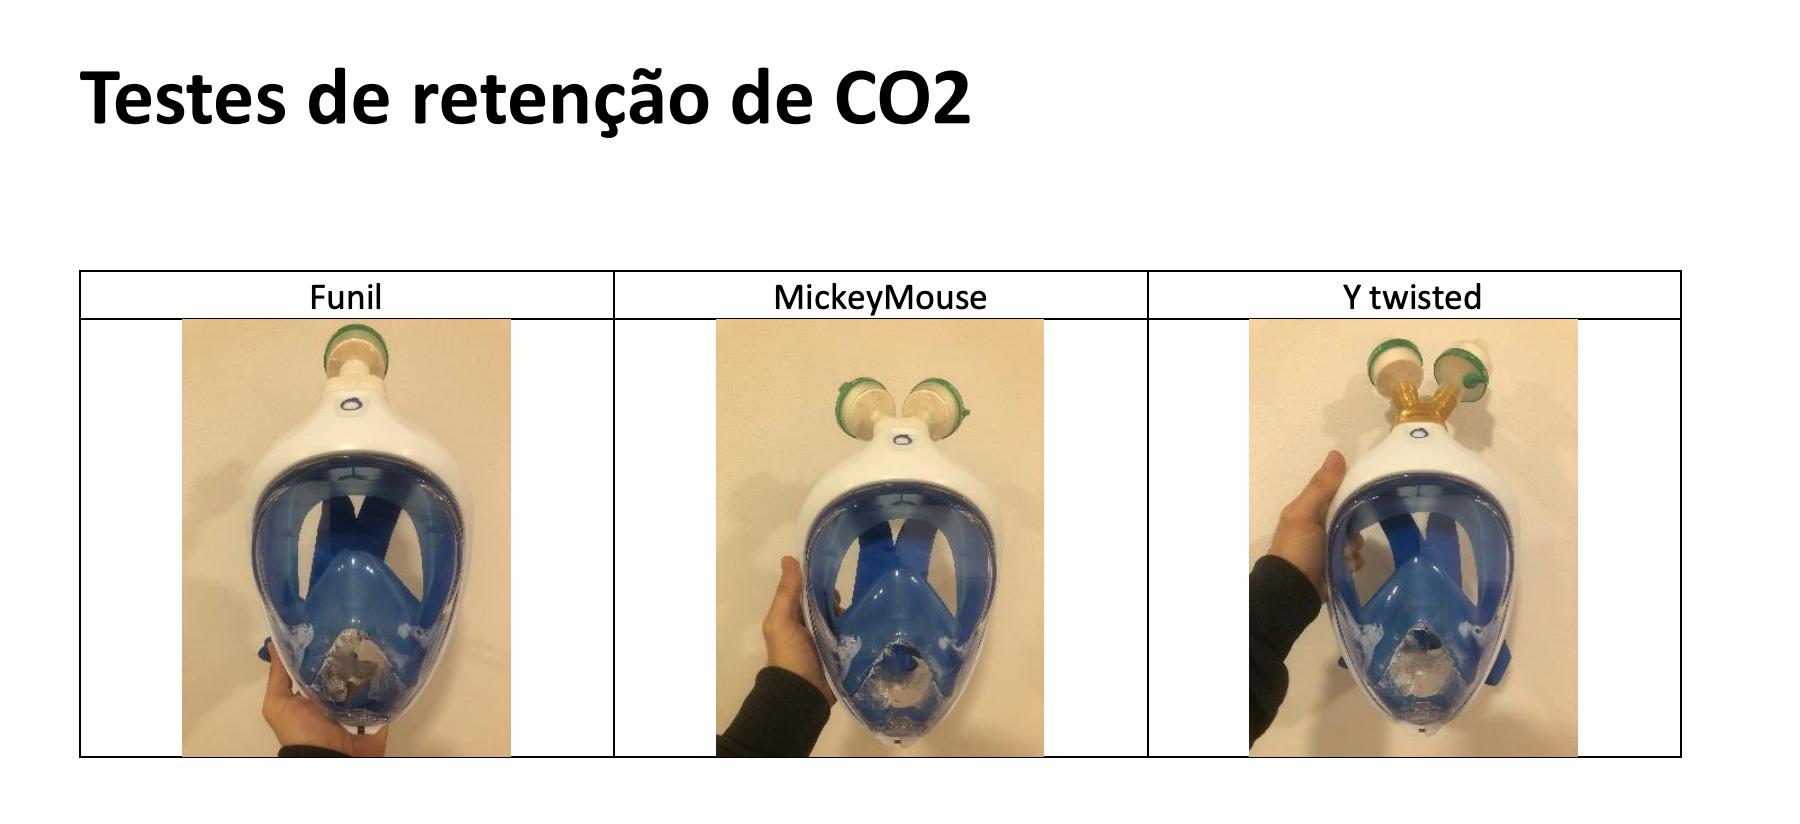 Testes de retenção de CO2